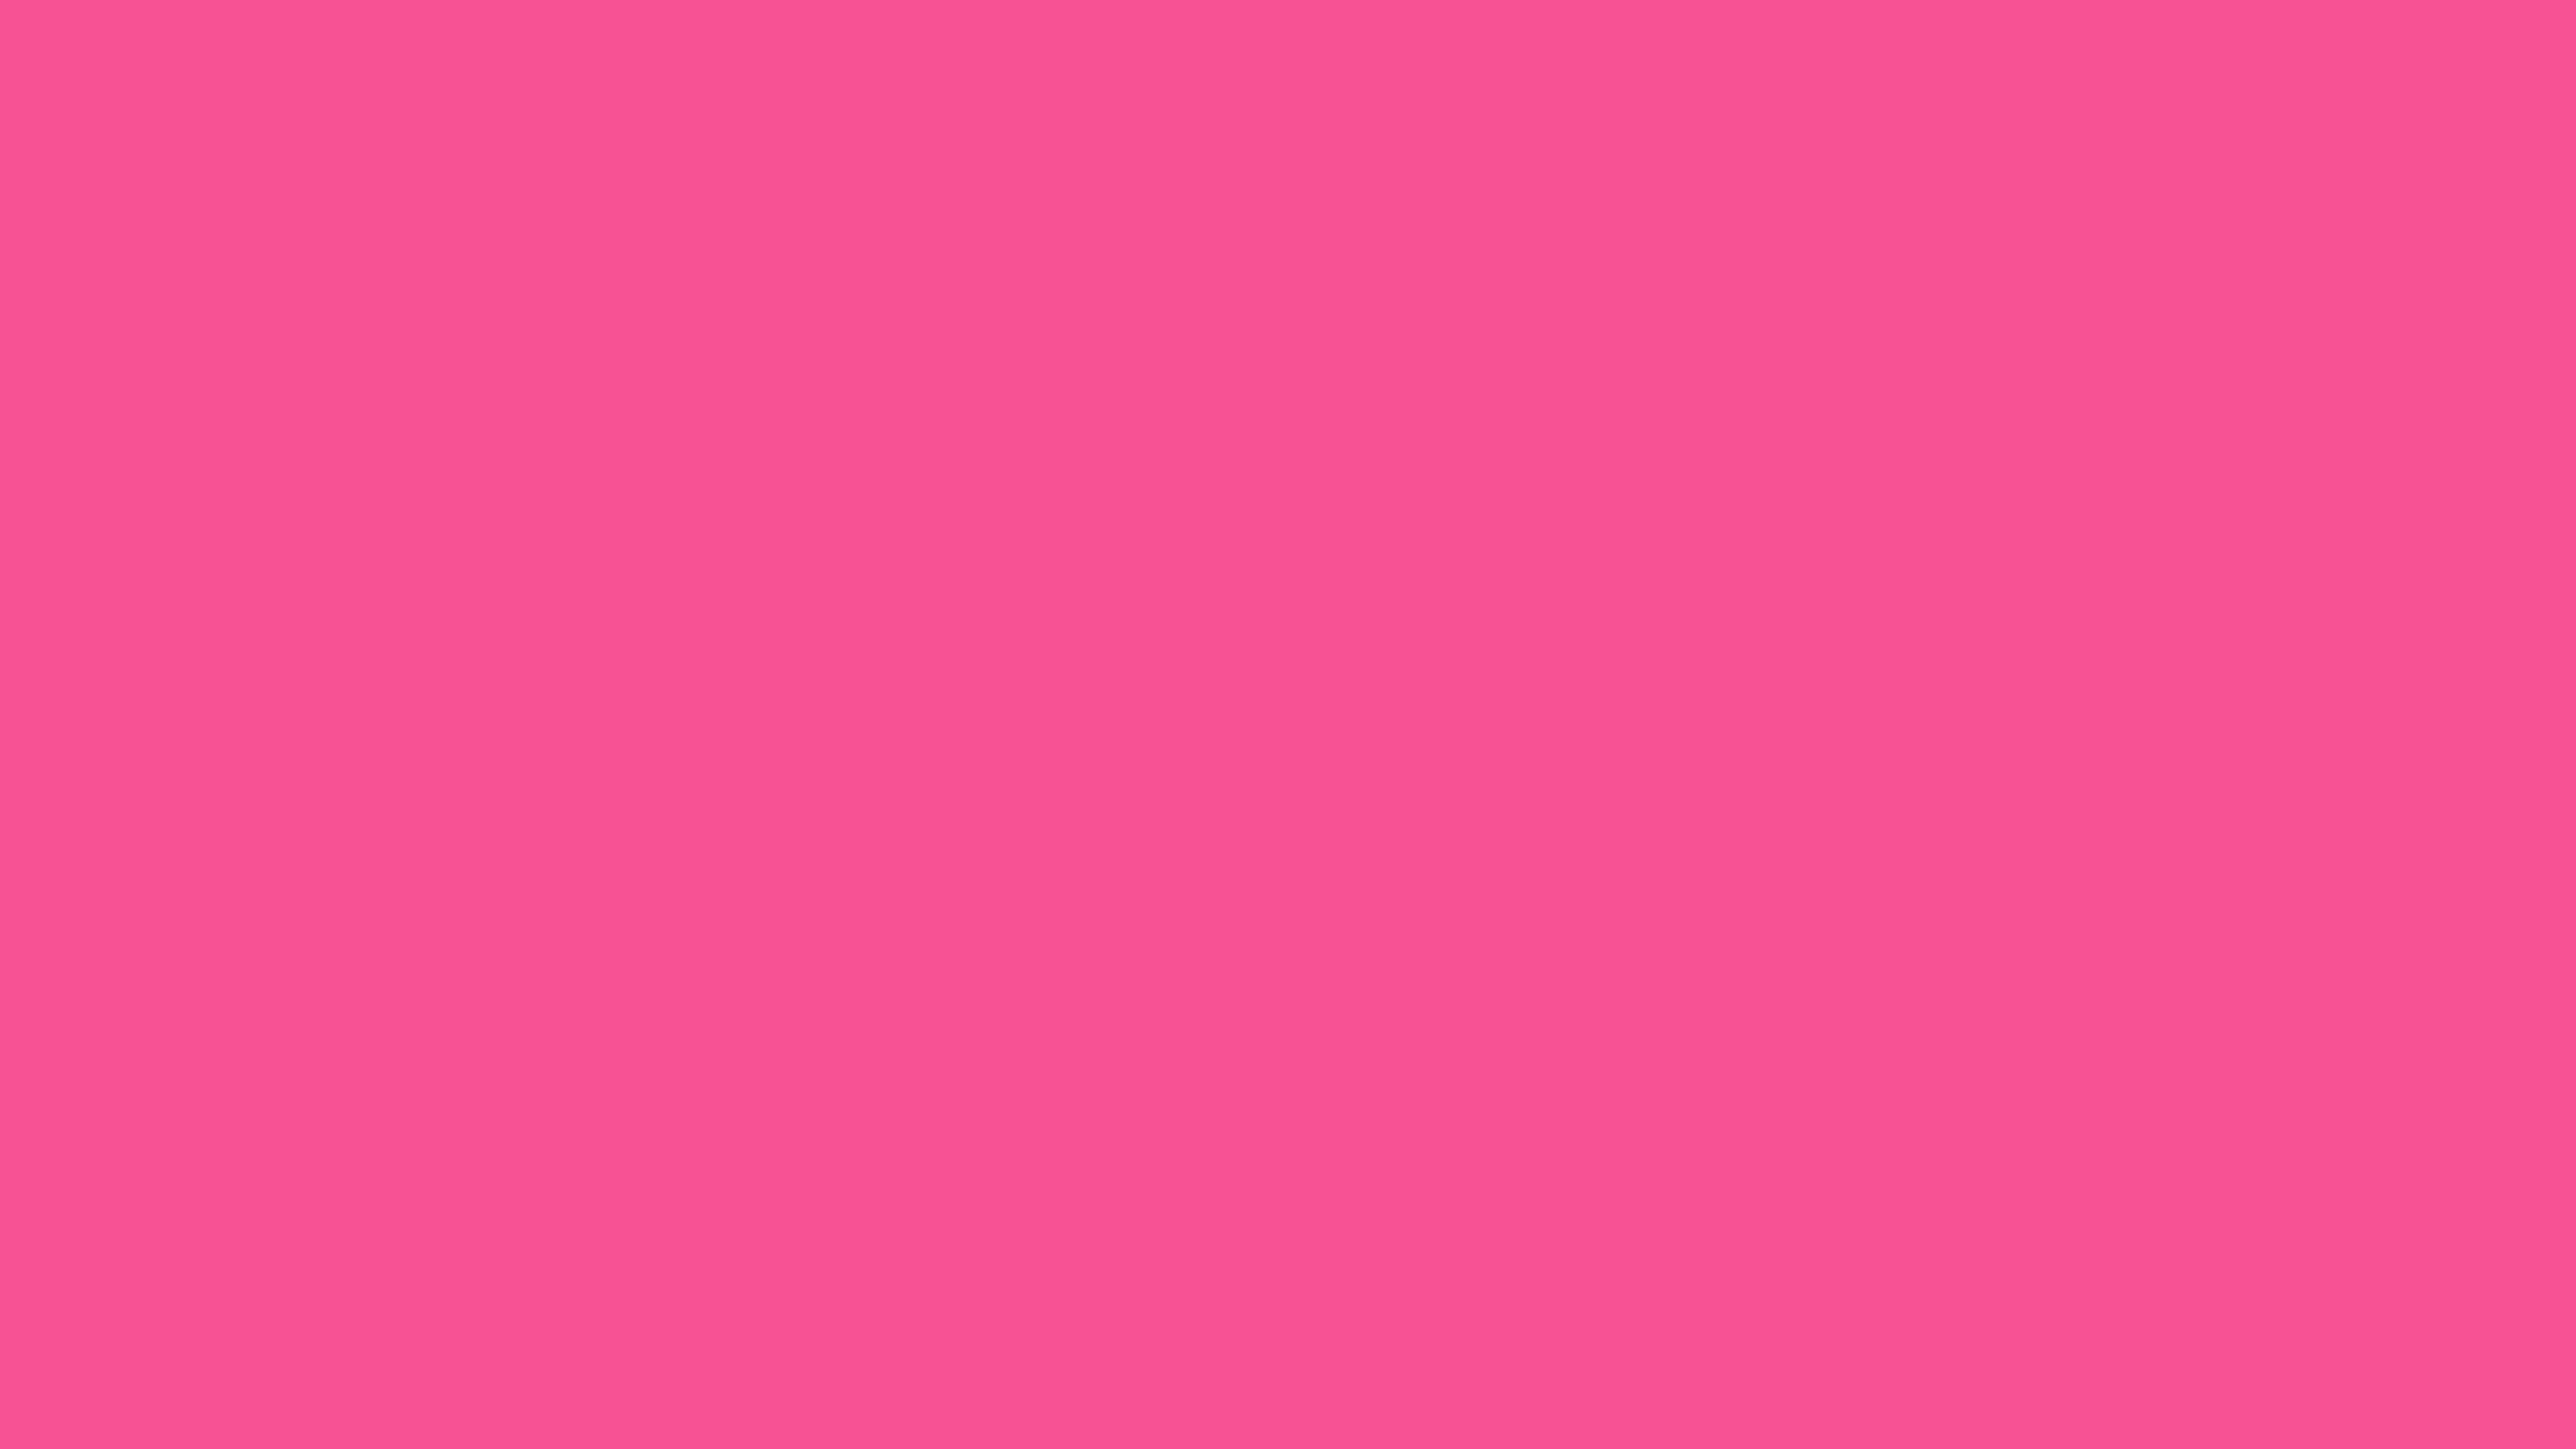 4096x2304 Violet-red Solid Color Background